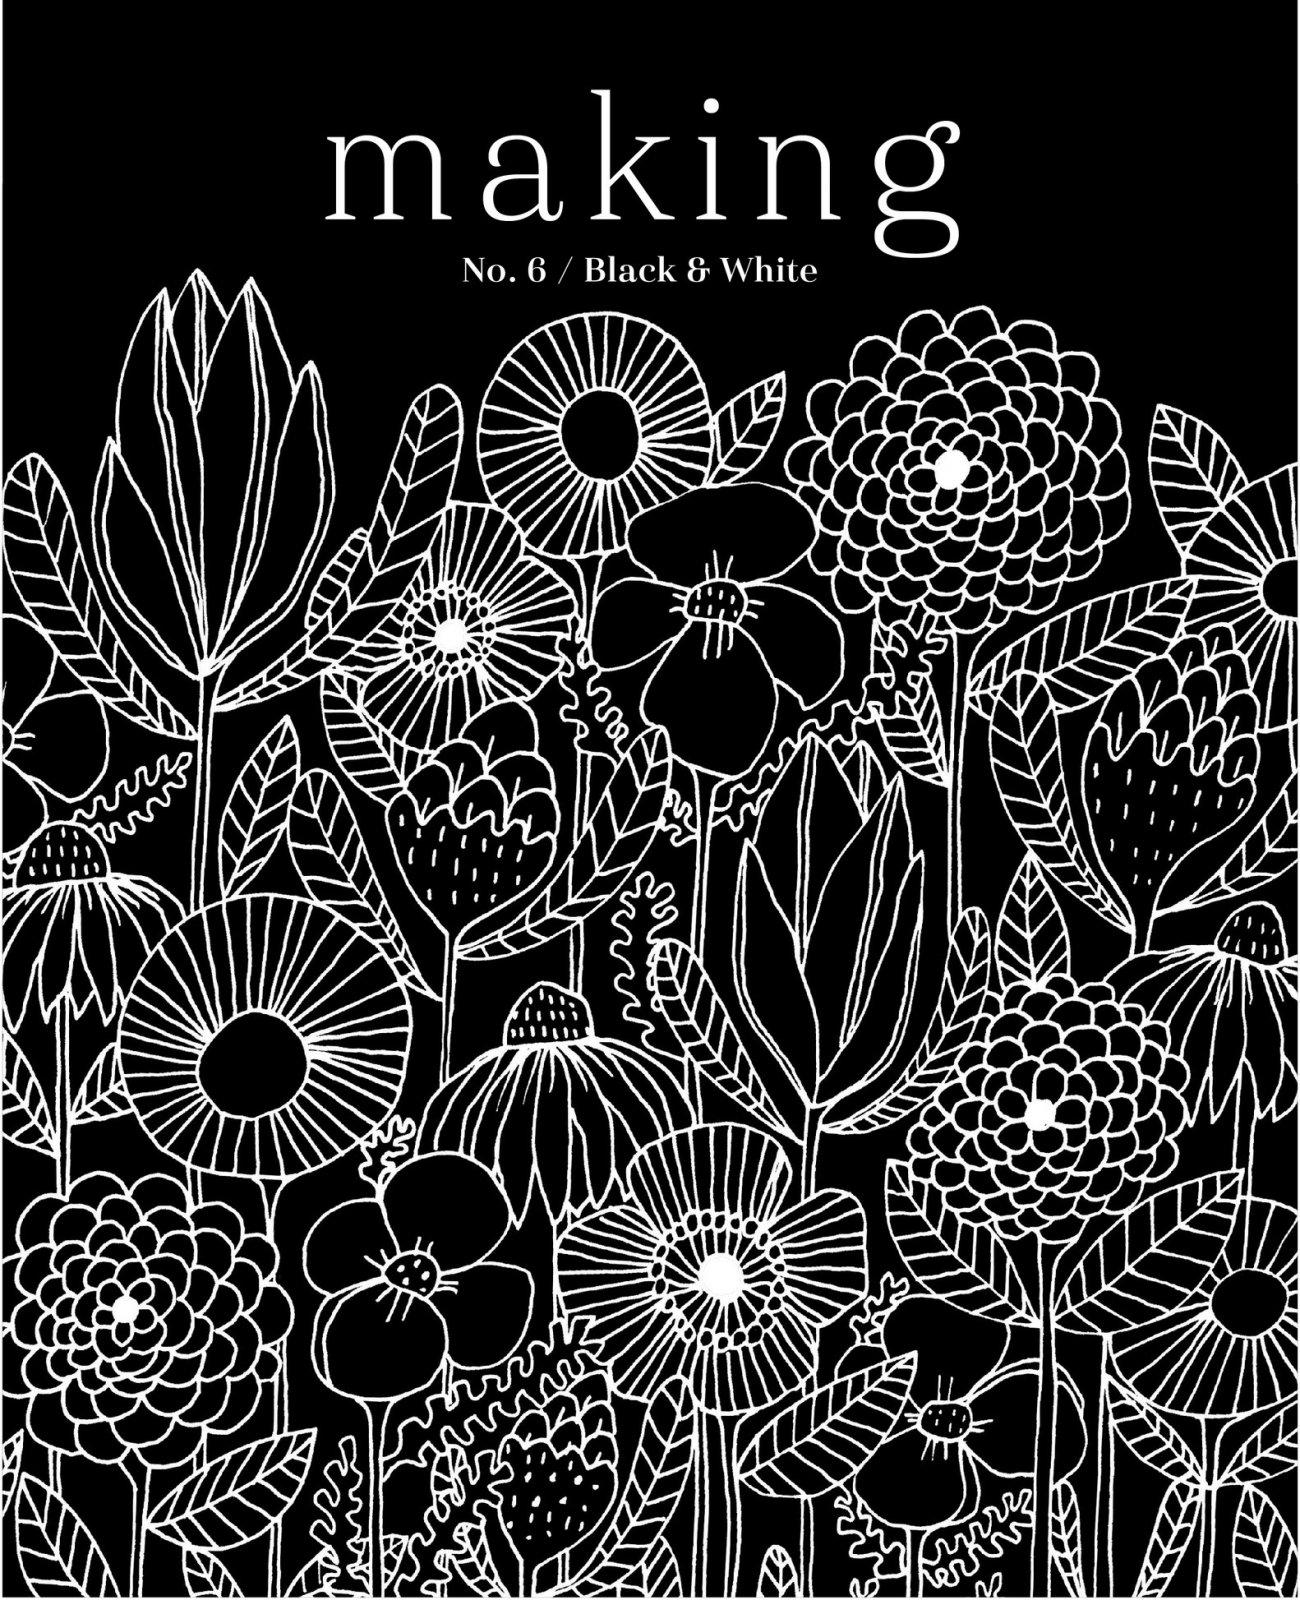 Making Magazine No. 6 Black and White